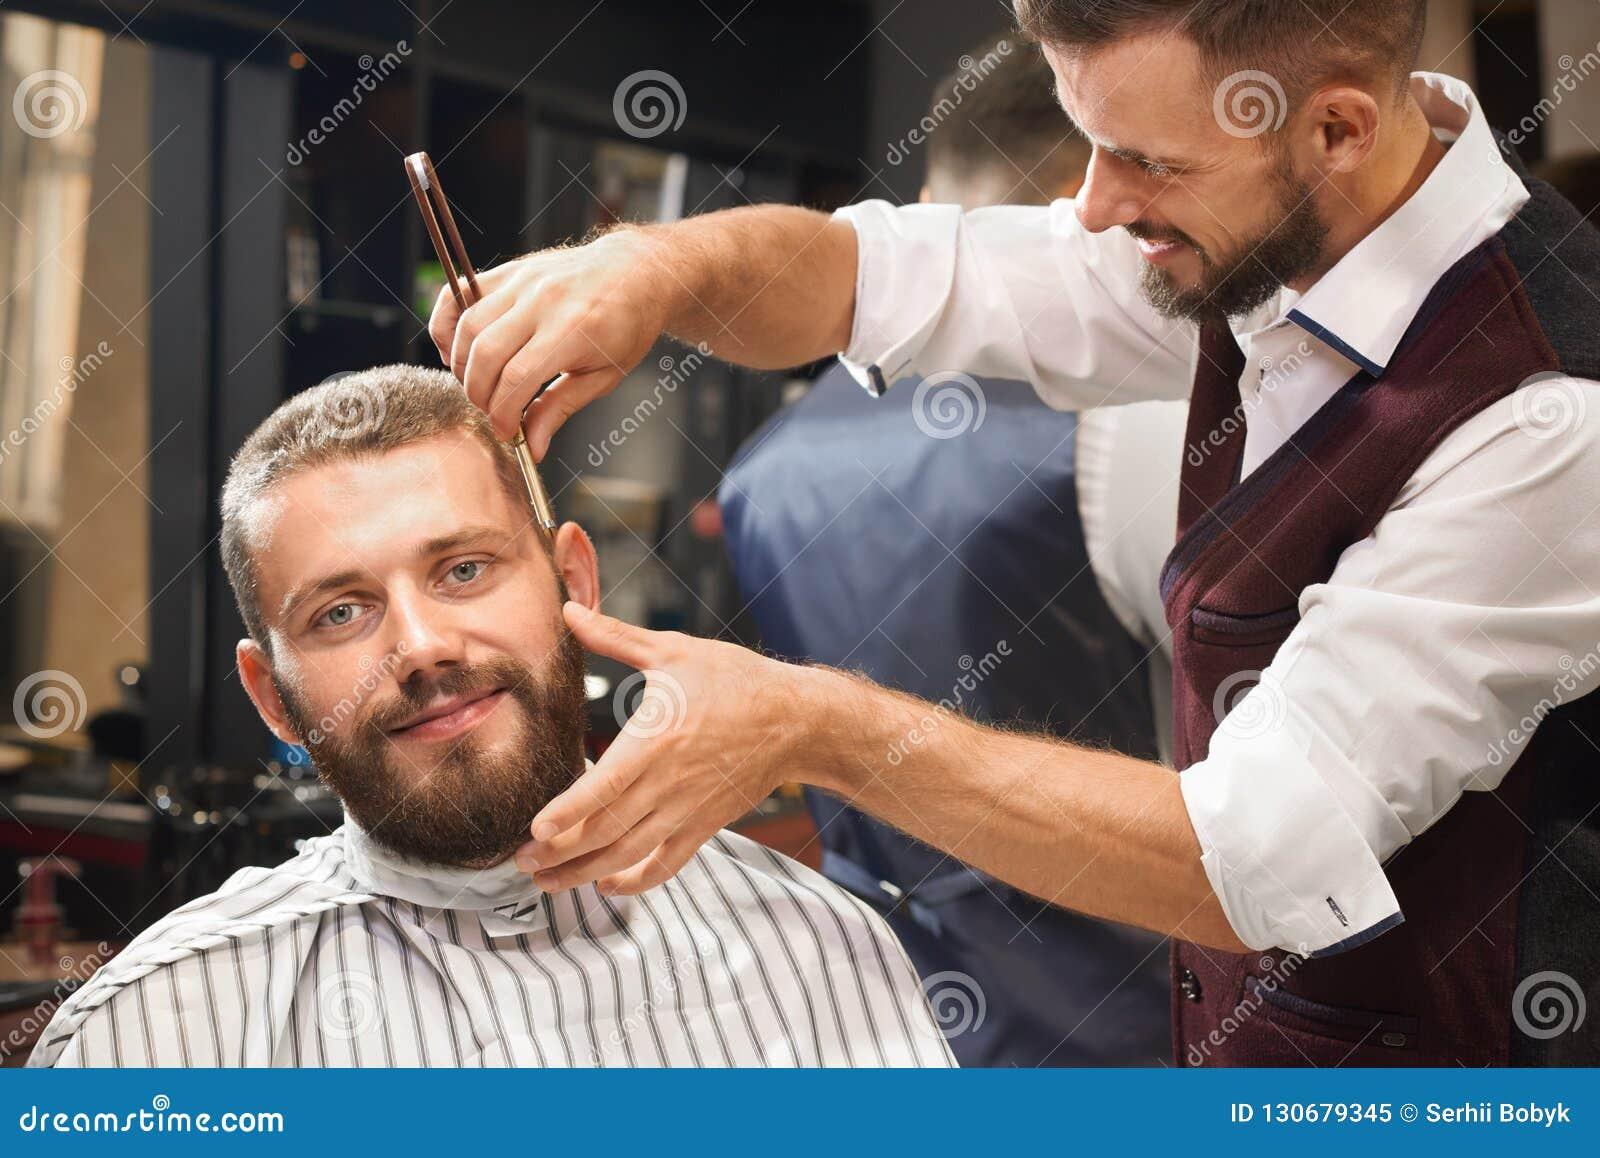 Getting A Haircut 88